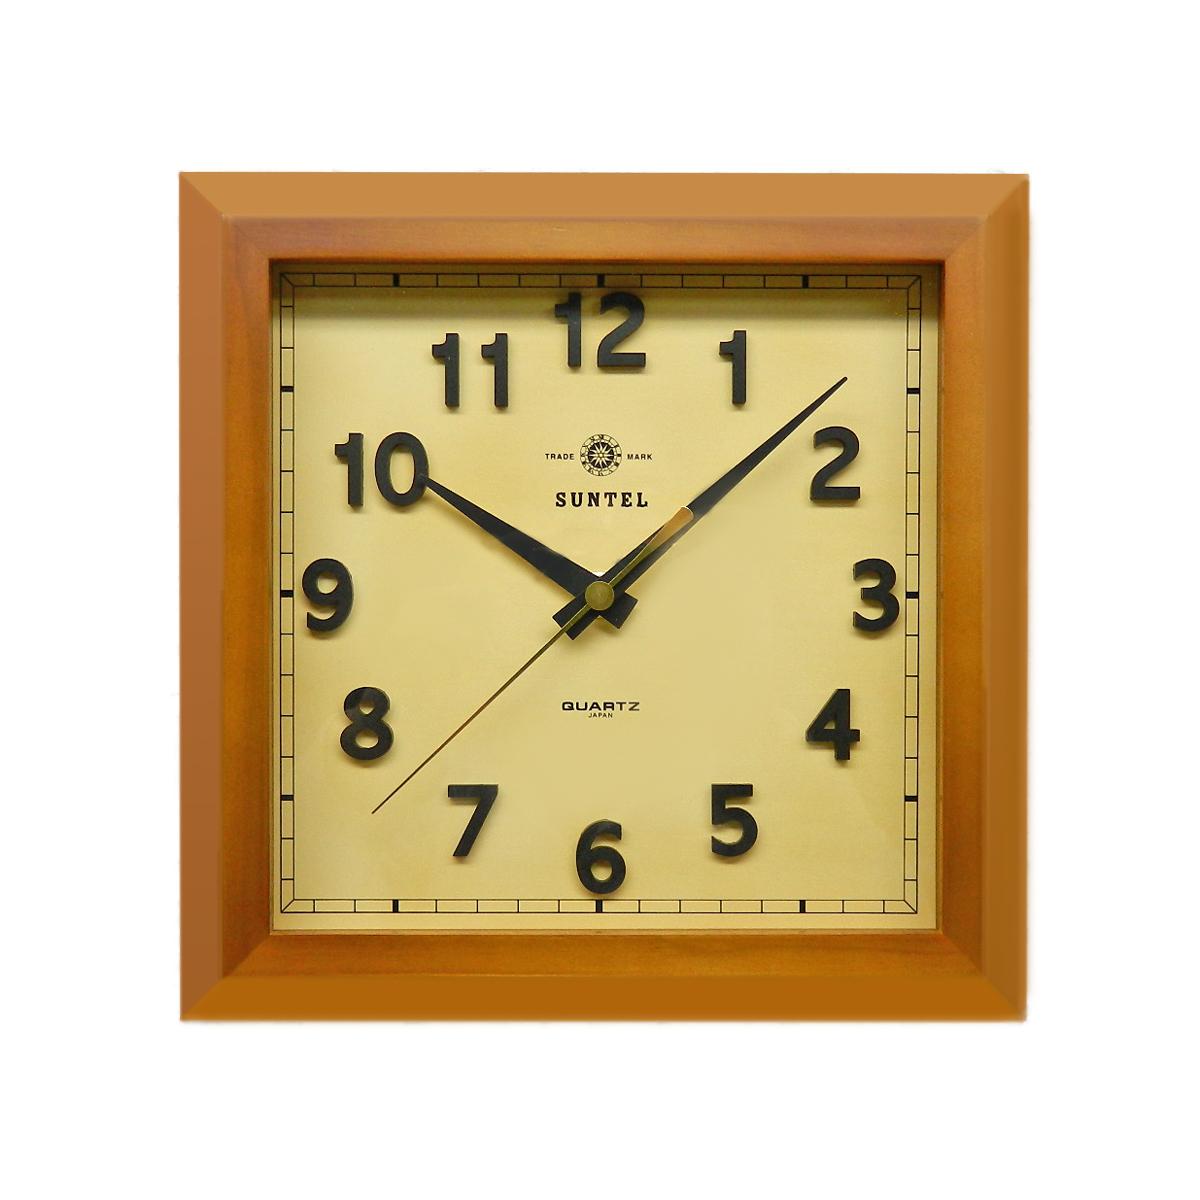 値頃 日本製 さんてる 天然木 角型電波時計 ブラウン さんてる 角型電波時計 天然木 「スクエア」, 豊平町:75f4fe5c --- canoncity.azurewebsites.net